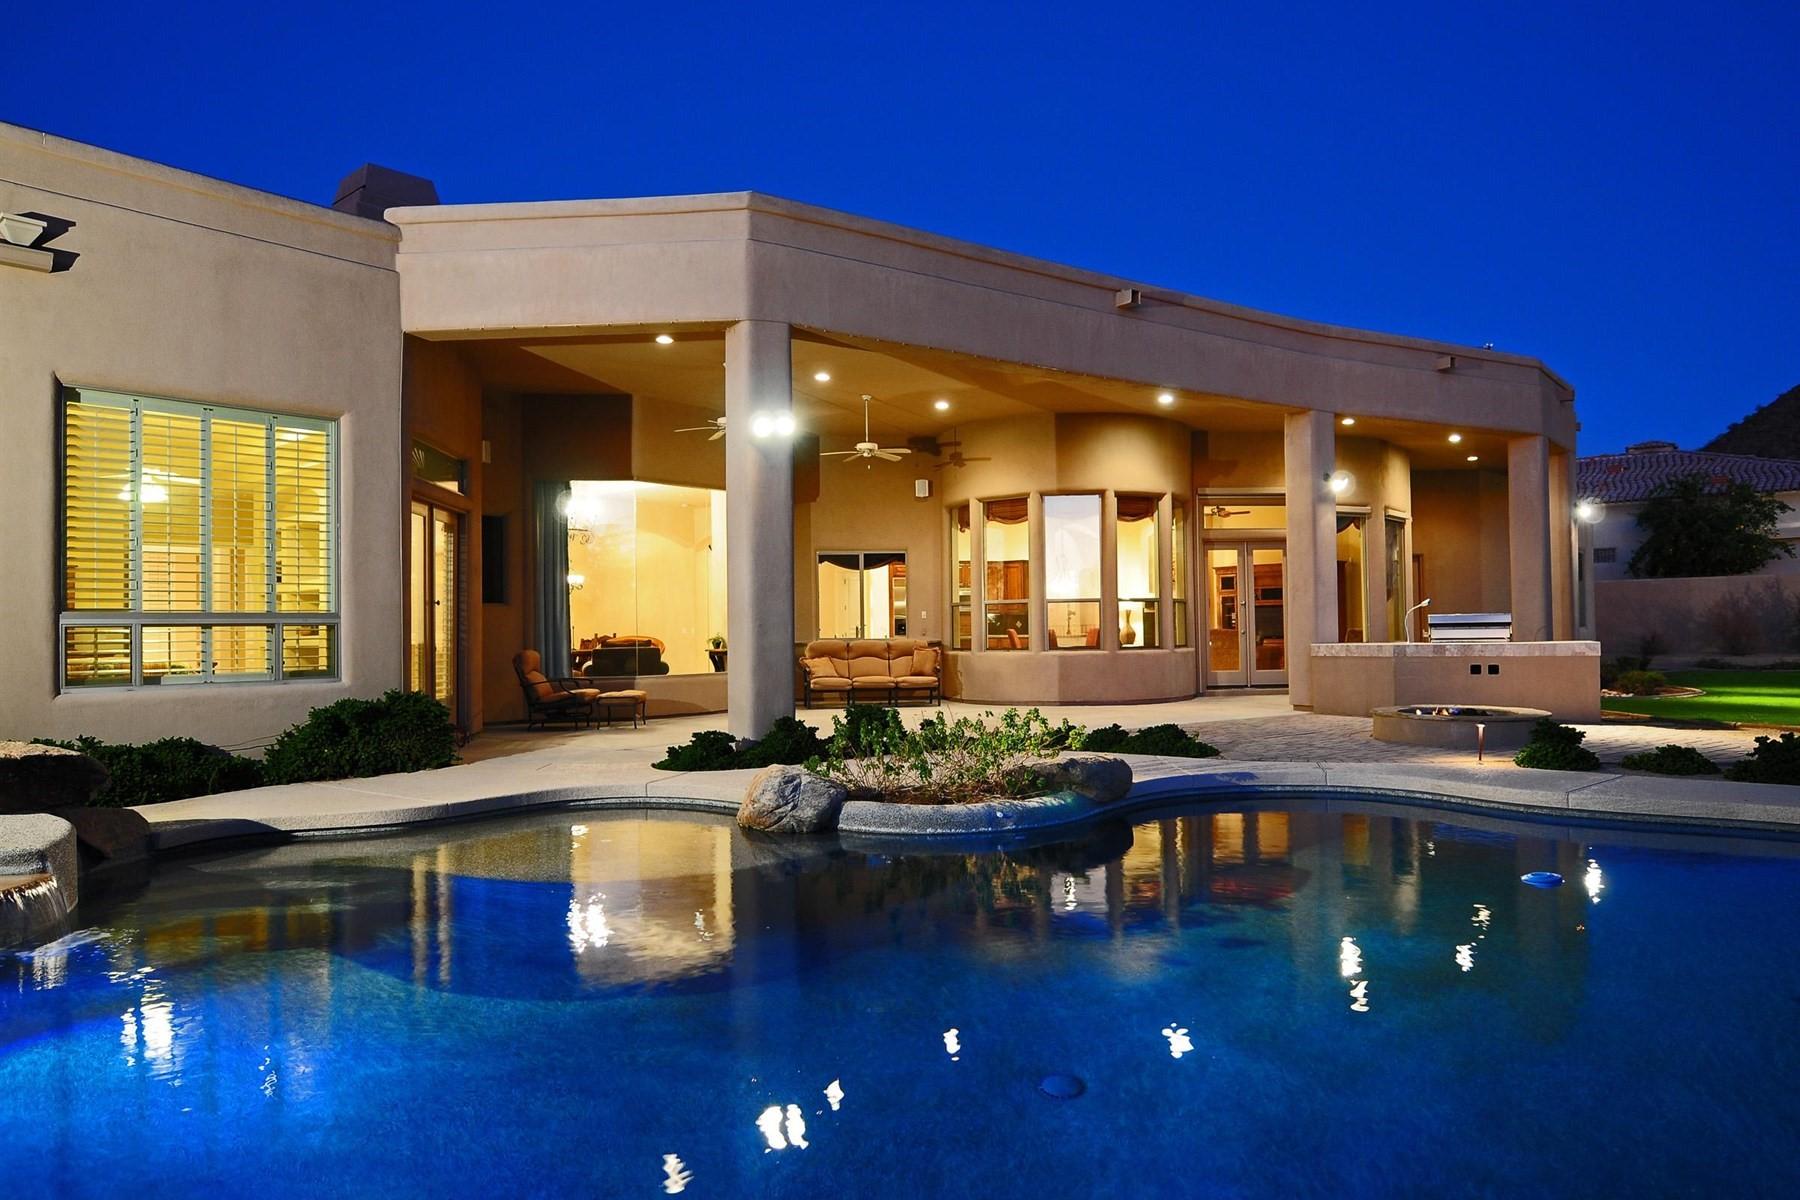 Частный односемейный дом для того Продажа на Stunning custom home on the best lot in Sonora Vista 13331 E Gold Dust Ave Scottsdale, Аризона, 85259 Соединенные Штаты